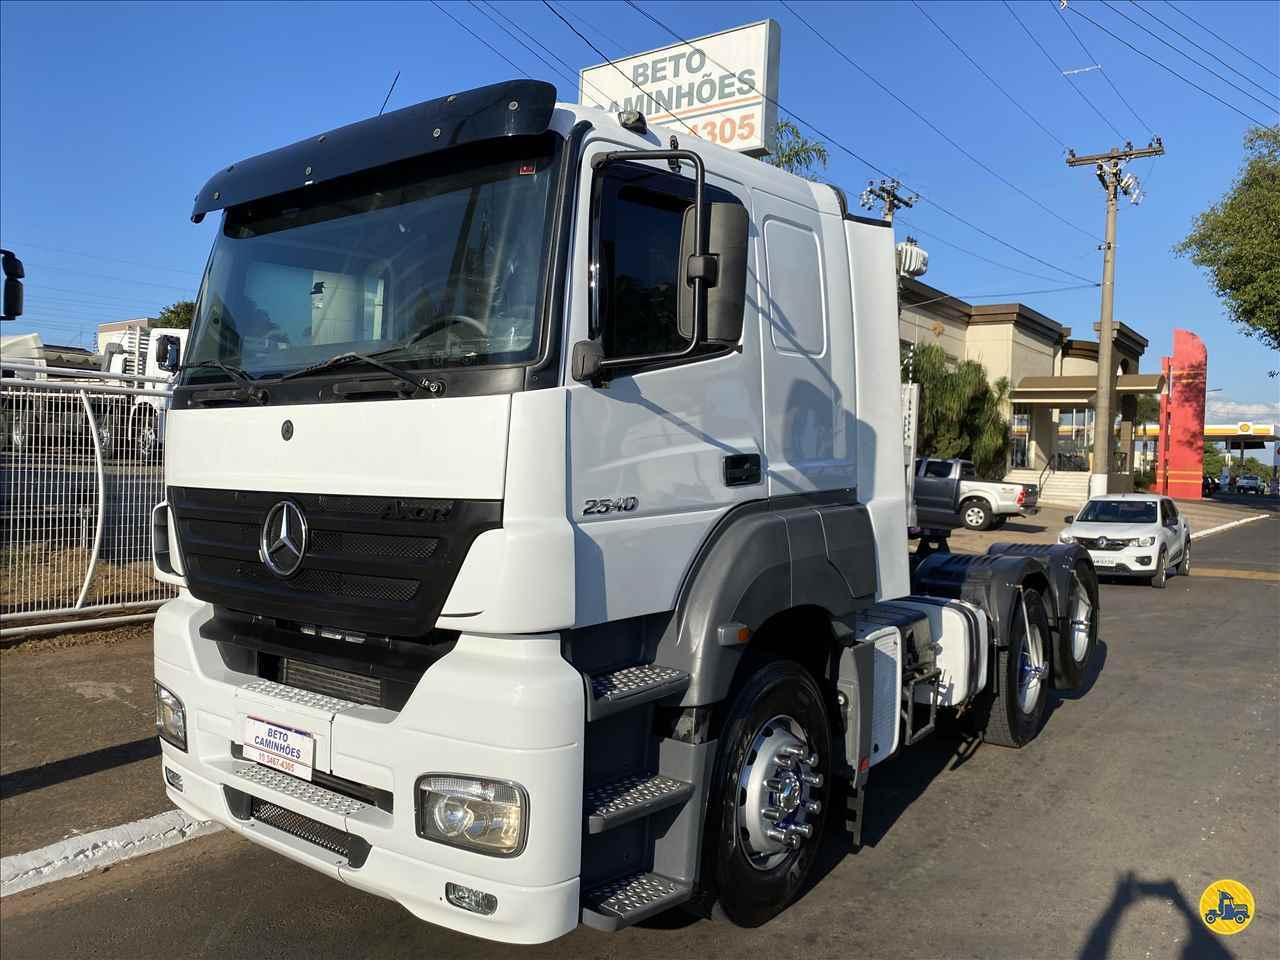 CAMINHAO MERCEDES-BENZ MB 2540 Cavalo Mecânico Truck 6x2 Beto Caminhões Piracicaba AMERICANA SÃO PAULO SP